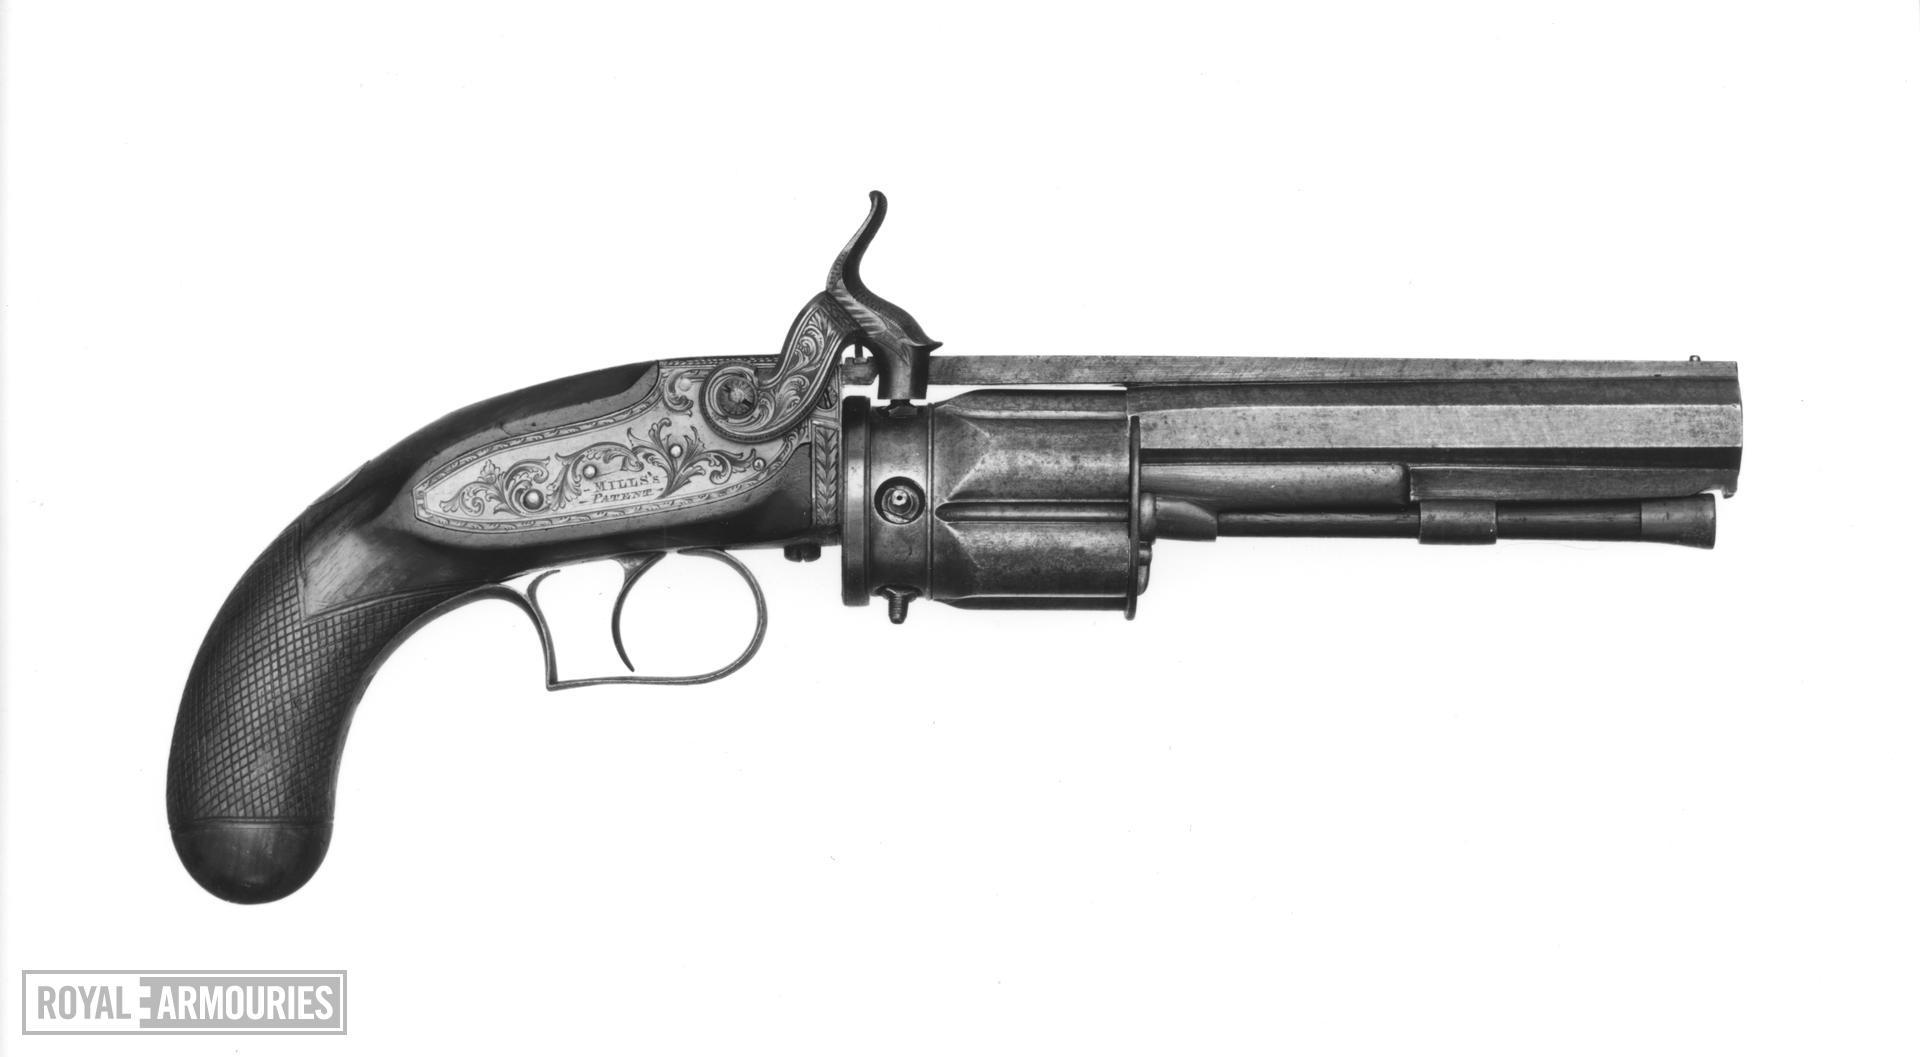 Percussion five-shot revolver - Mills's patent Collier revolver